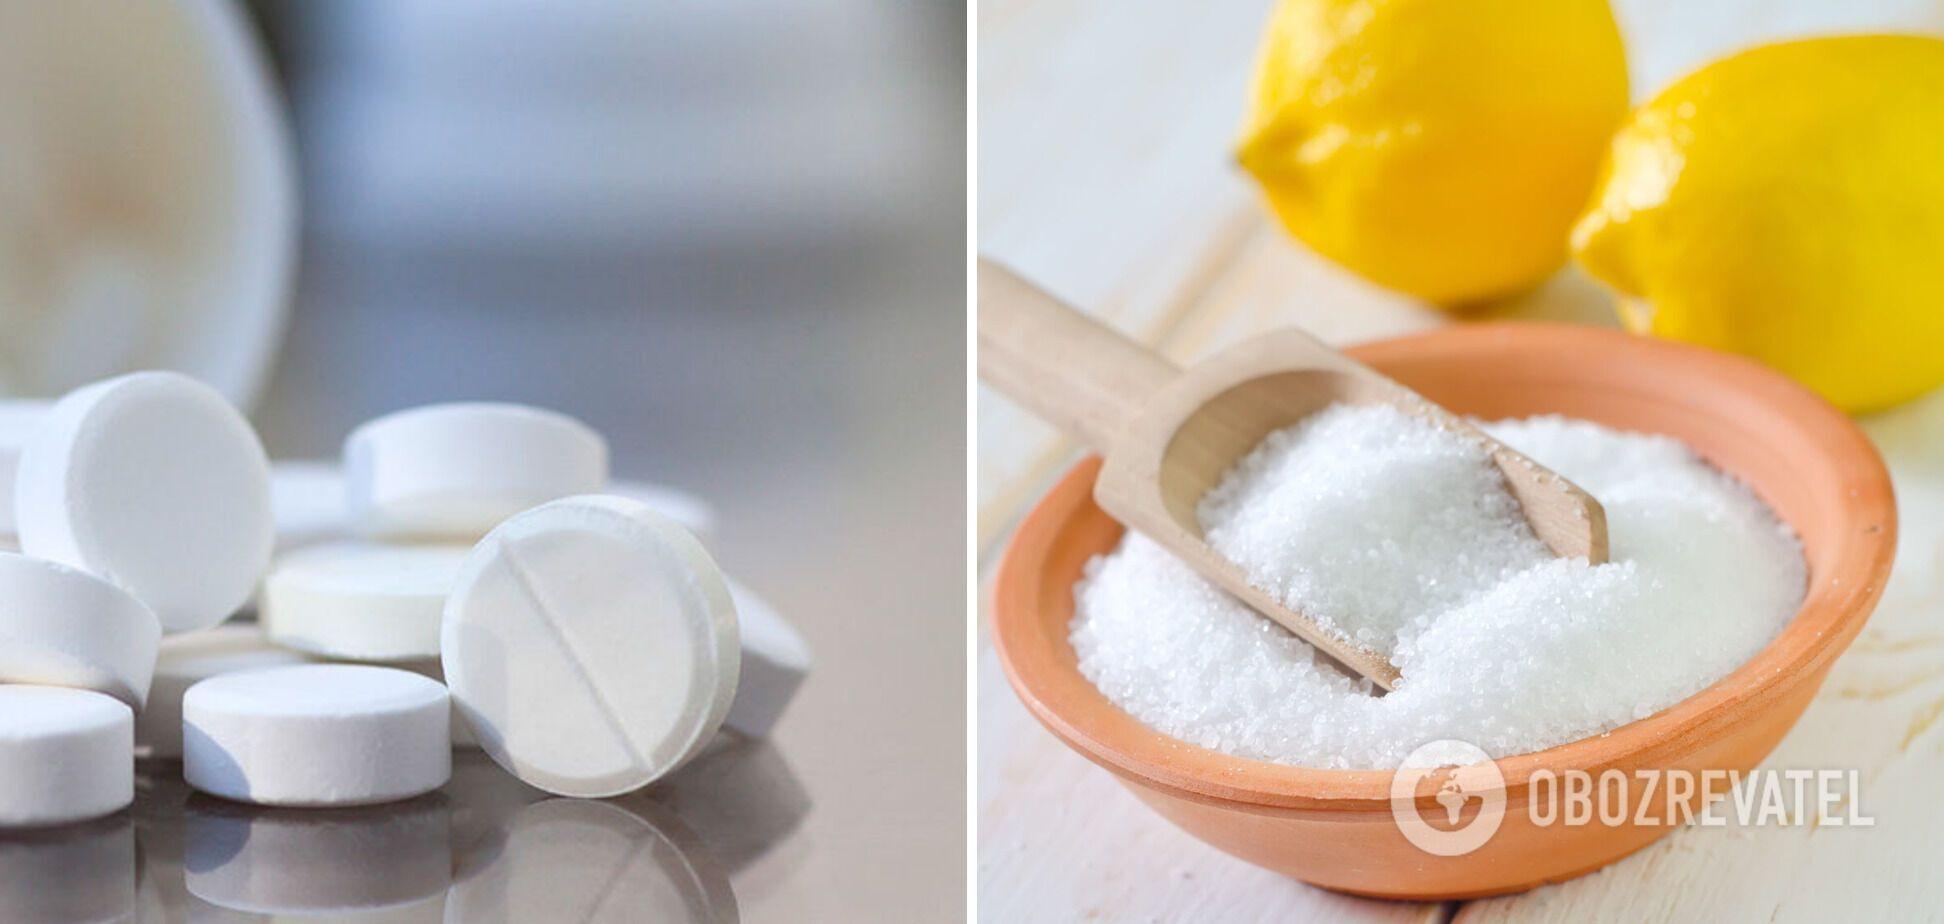 Таблетки аспірину, лимонна кислота